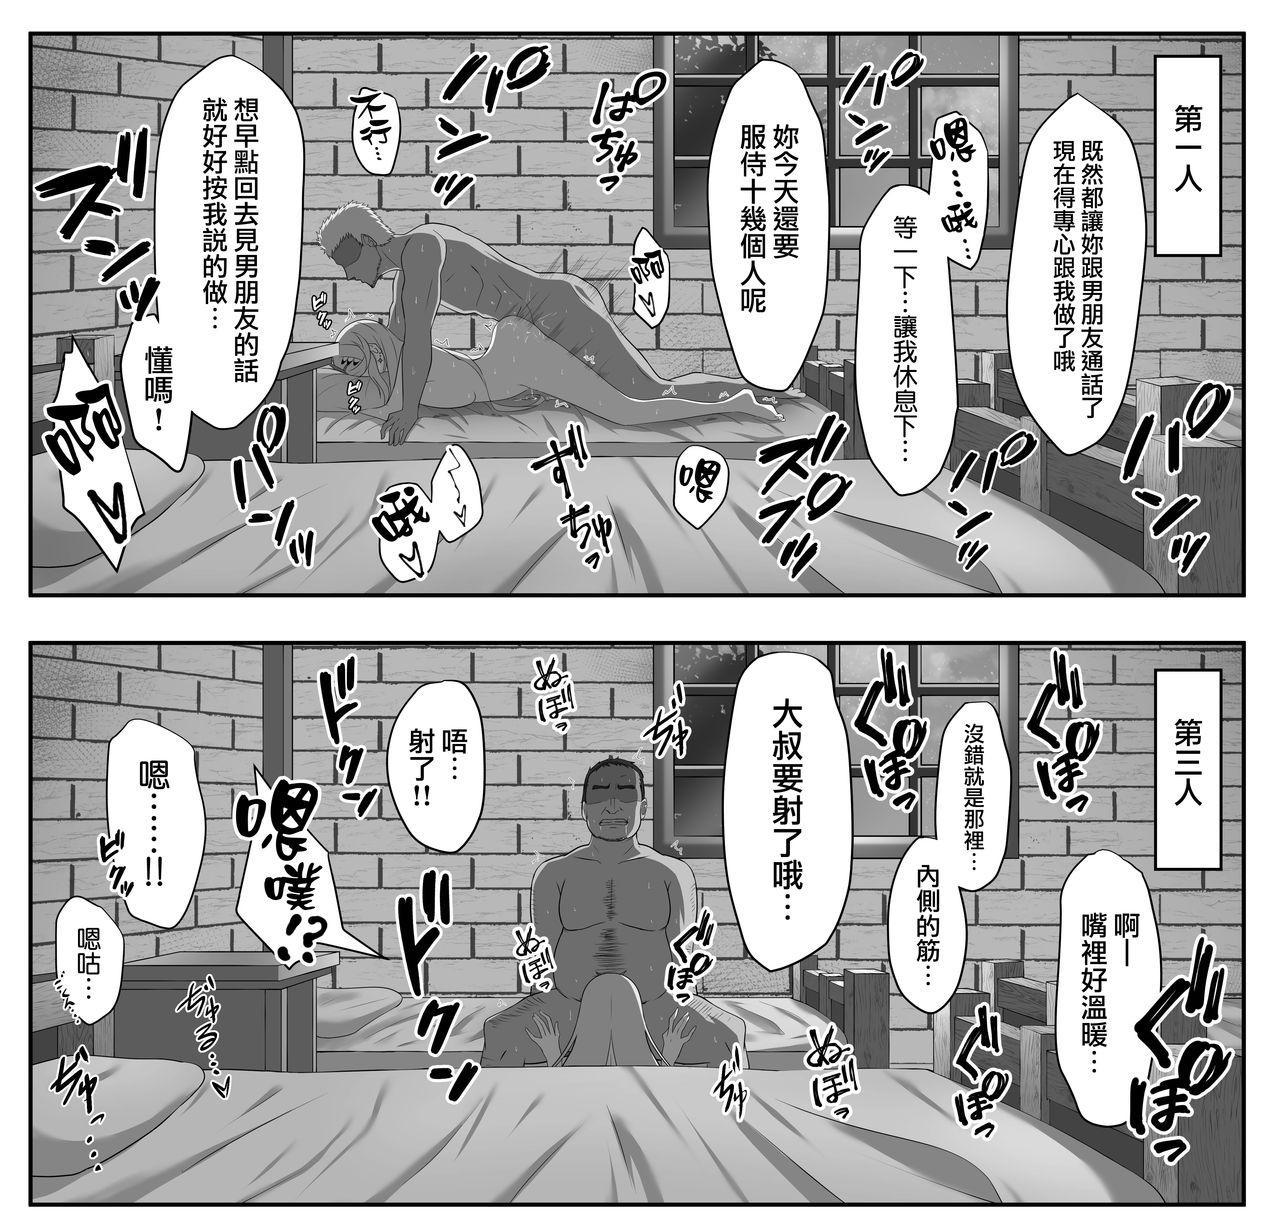 Yoheidan Ninmu no Hakensaki de 3